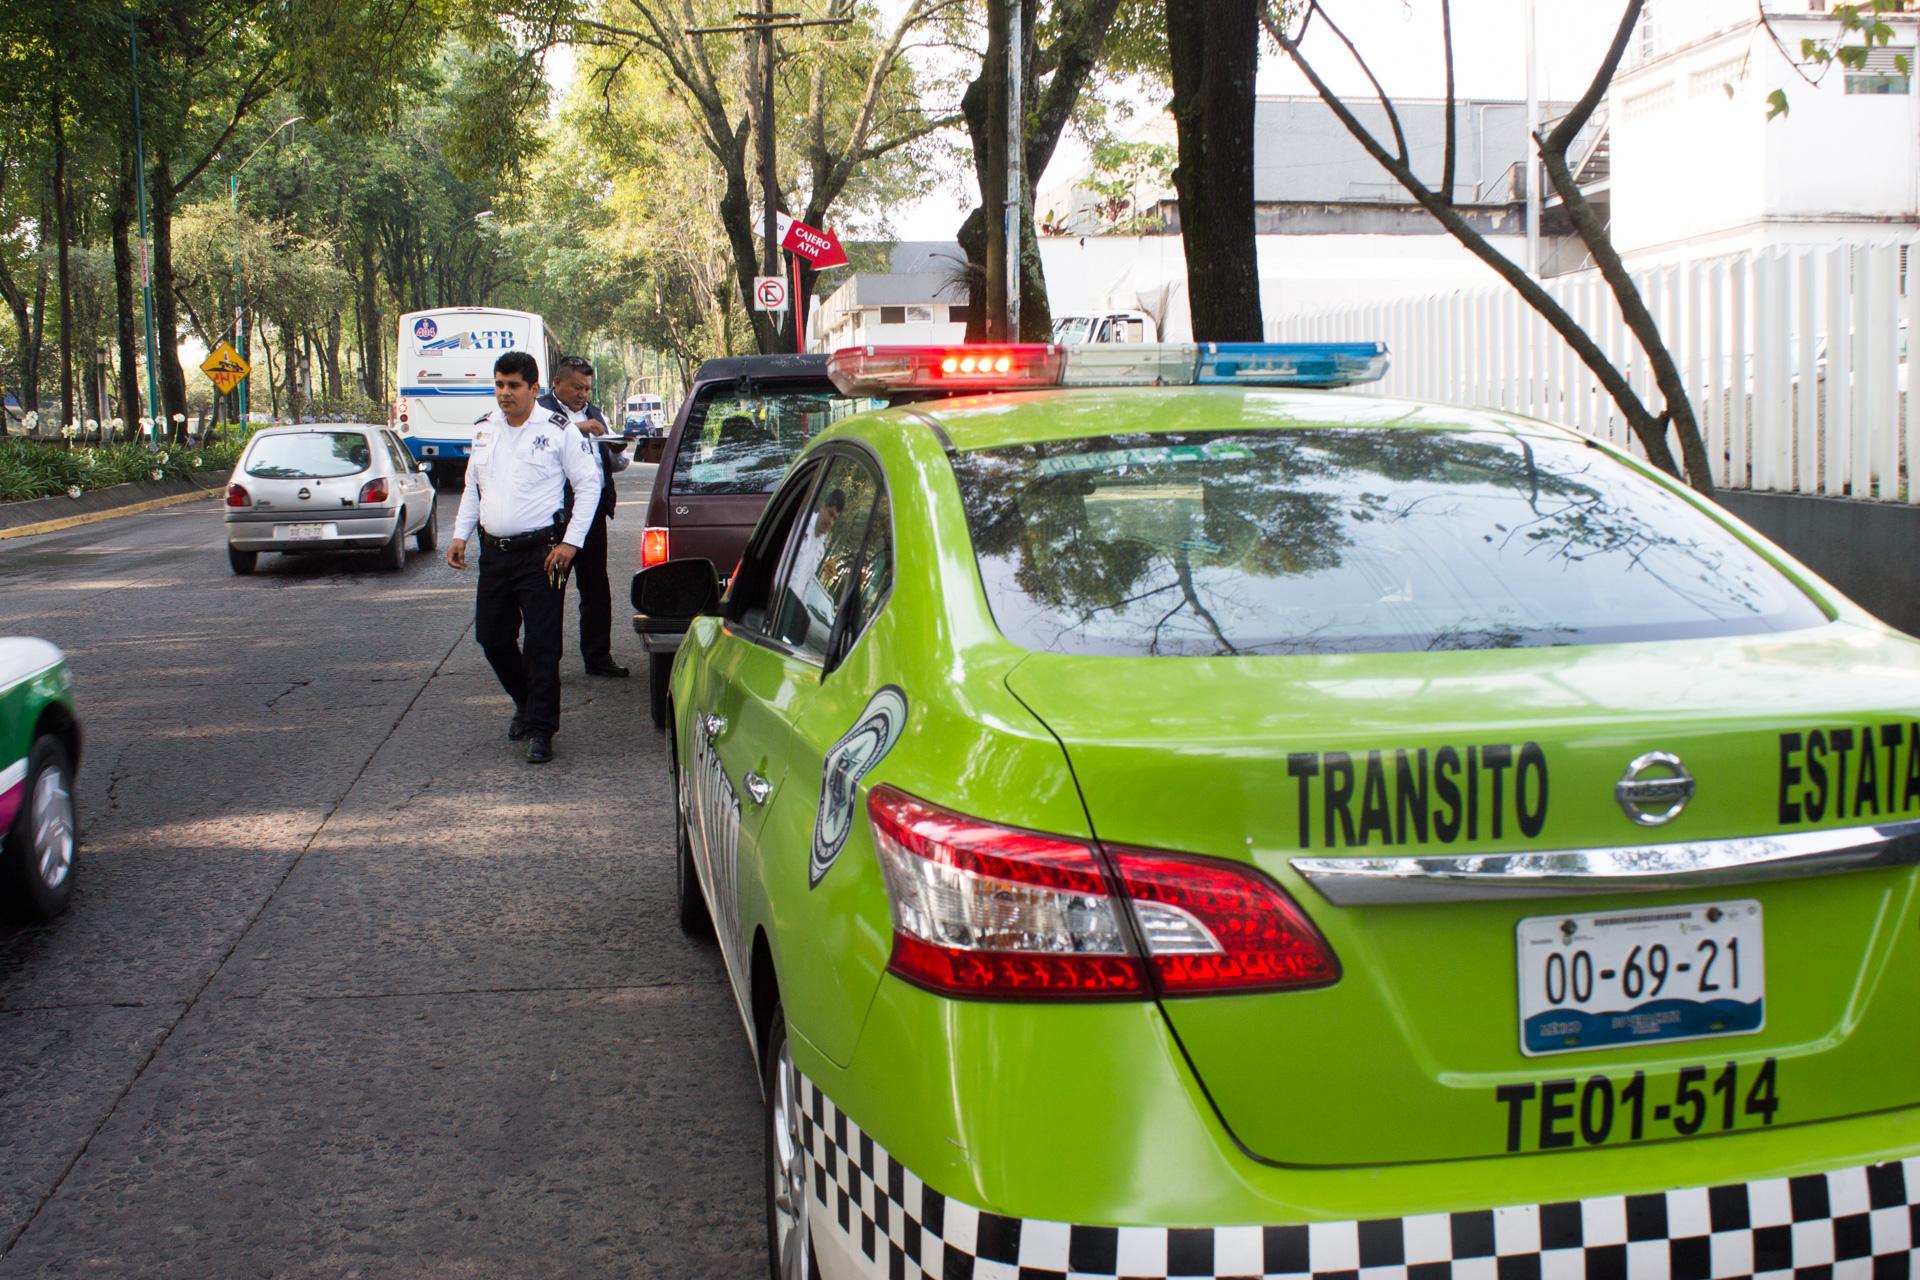 Operativos de supervisión vial no  se han interrumpido: Tránsito del Estado